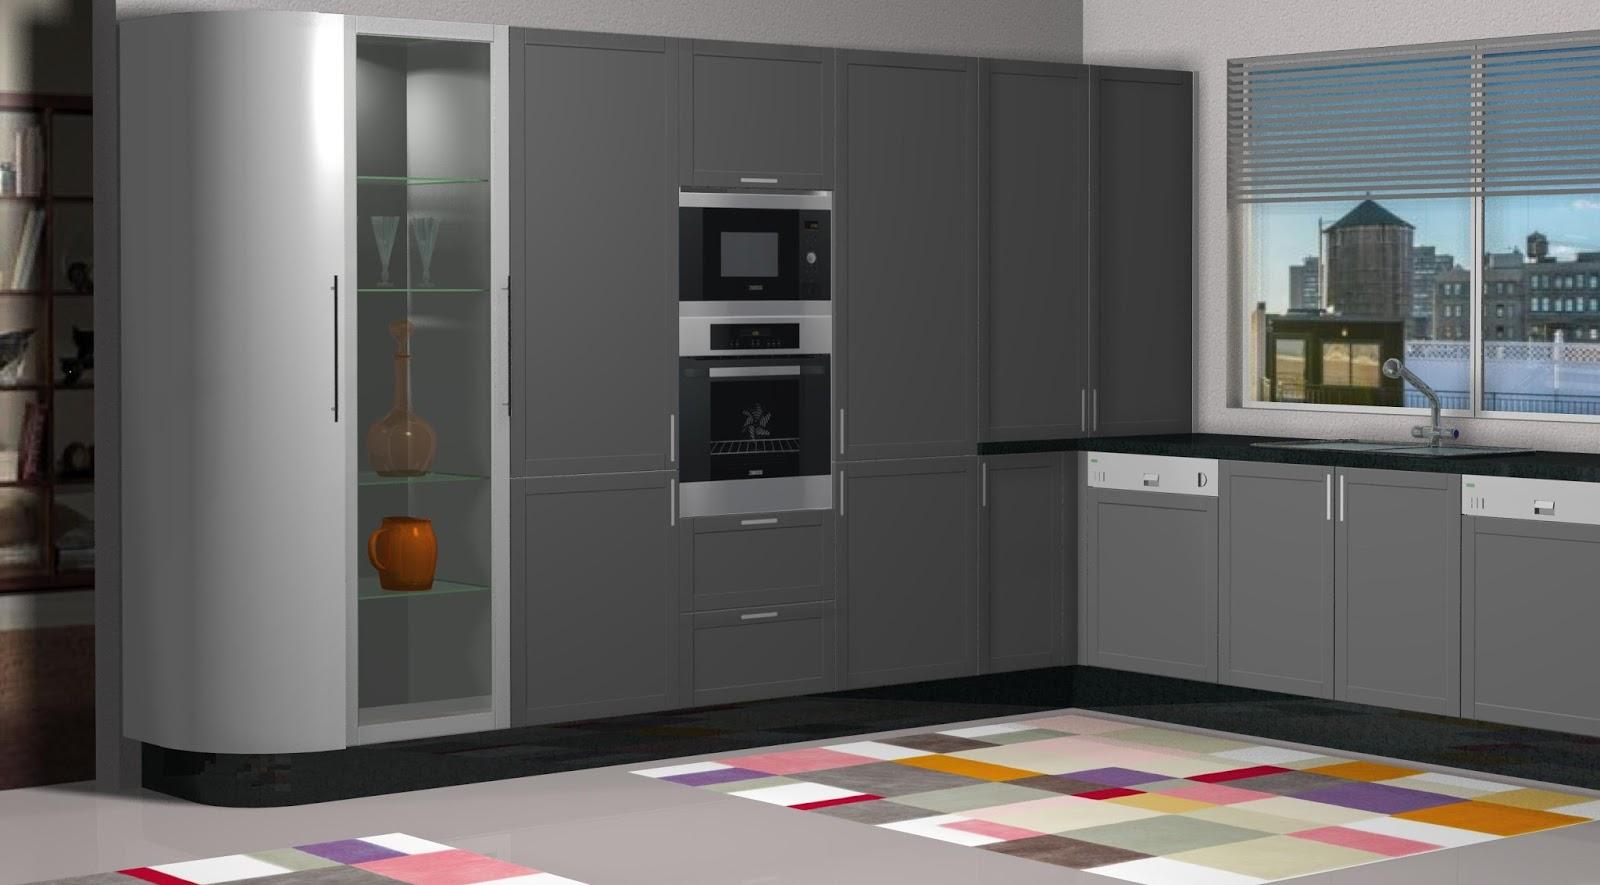 Diseo muebles de cocina excellent diseno mobiliario for Programa de diseno de muebles de cocina